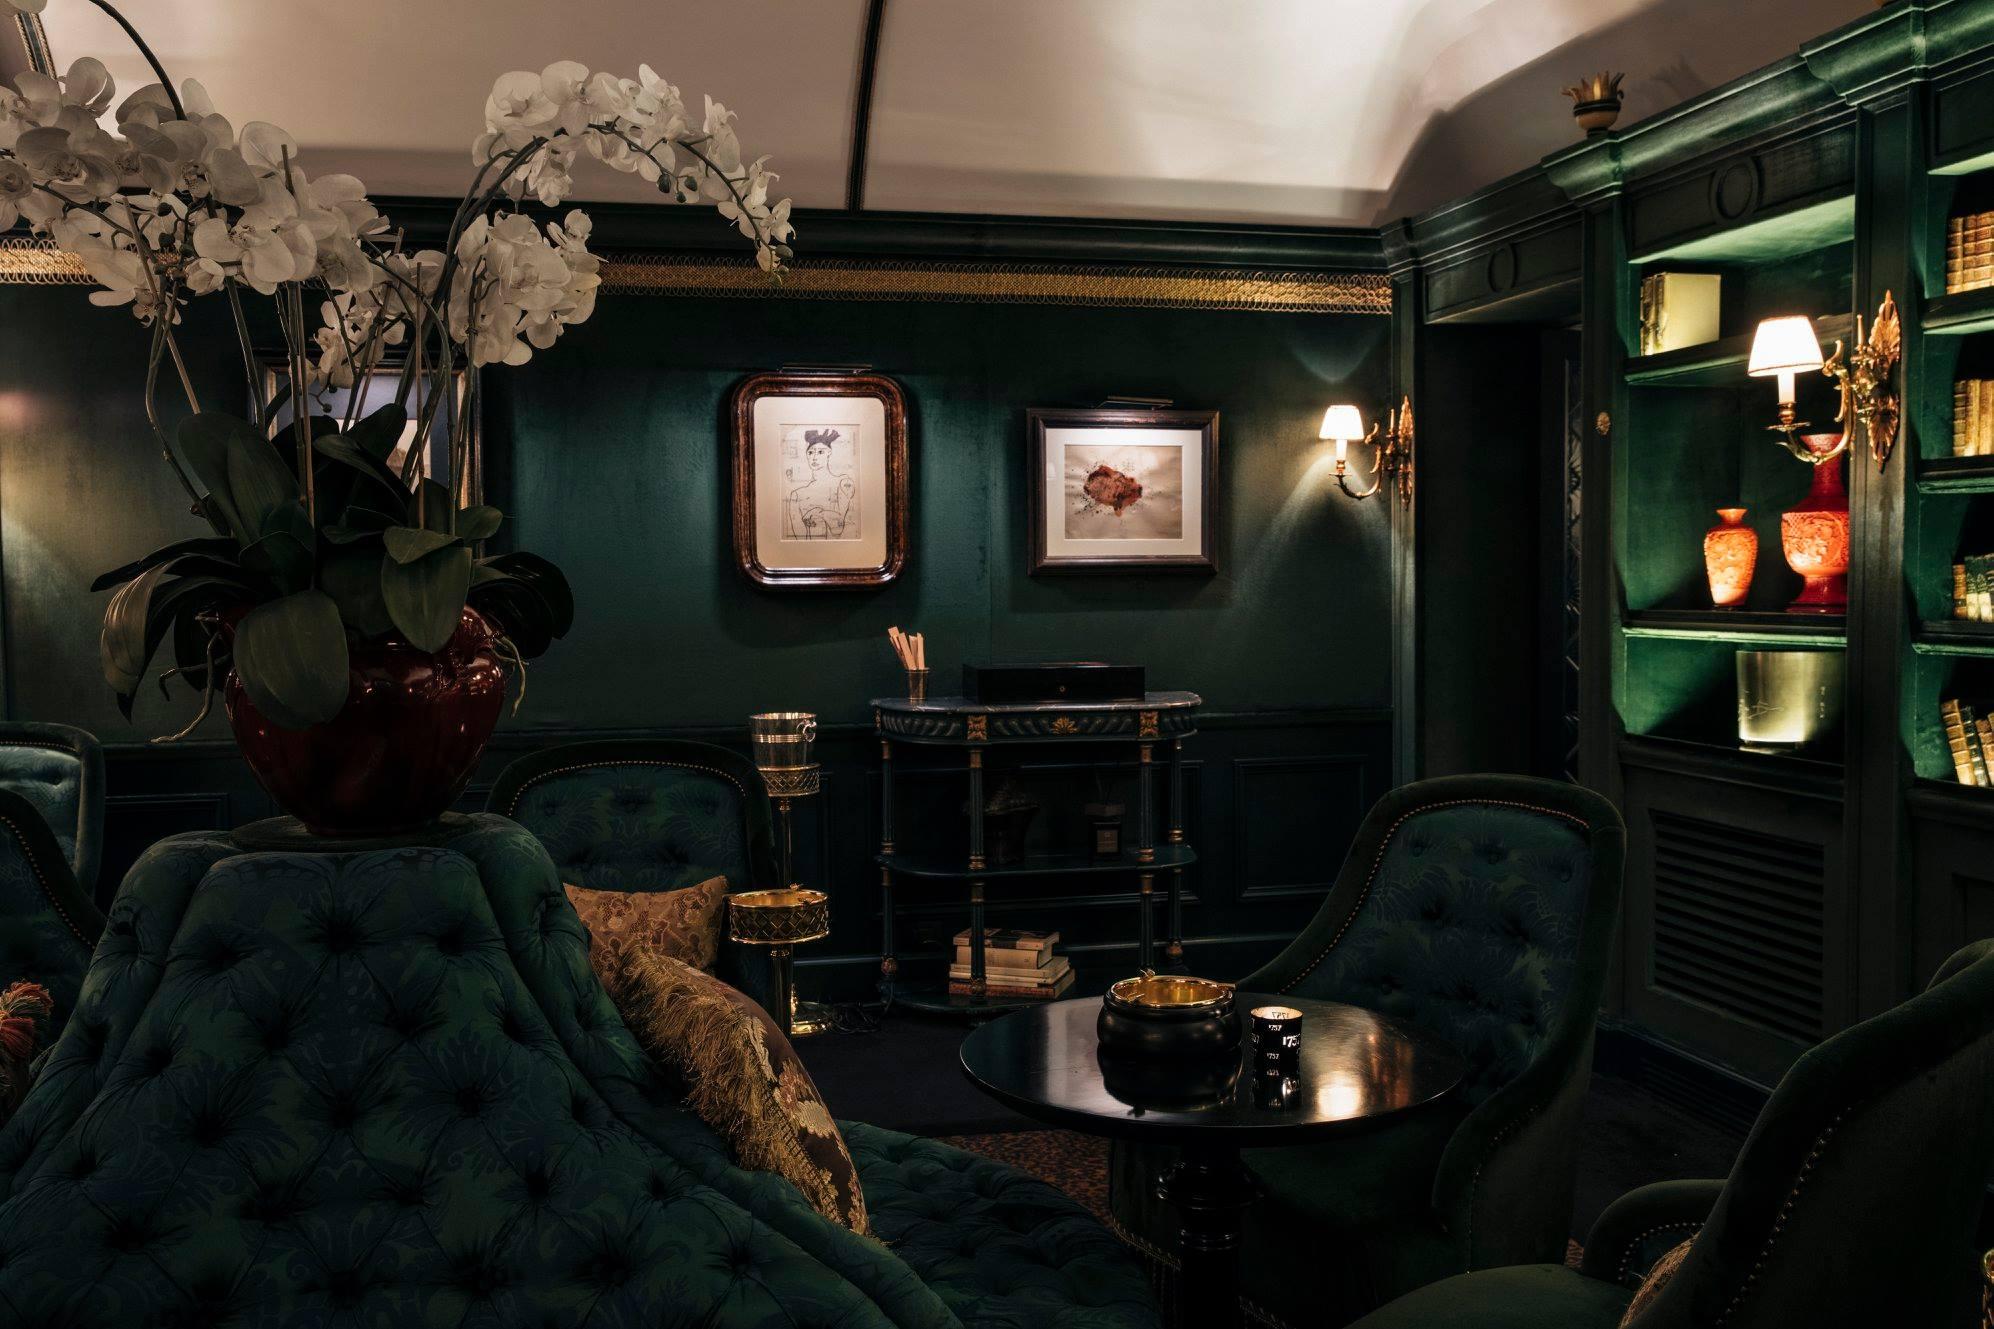 stanza con poltrone e pareti verdi, cuscini damascati